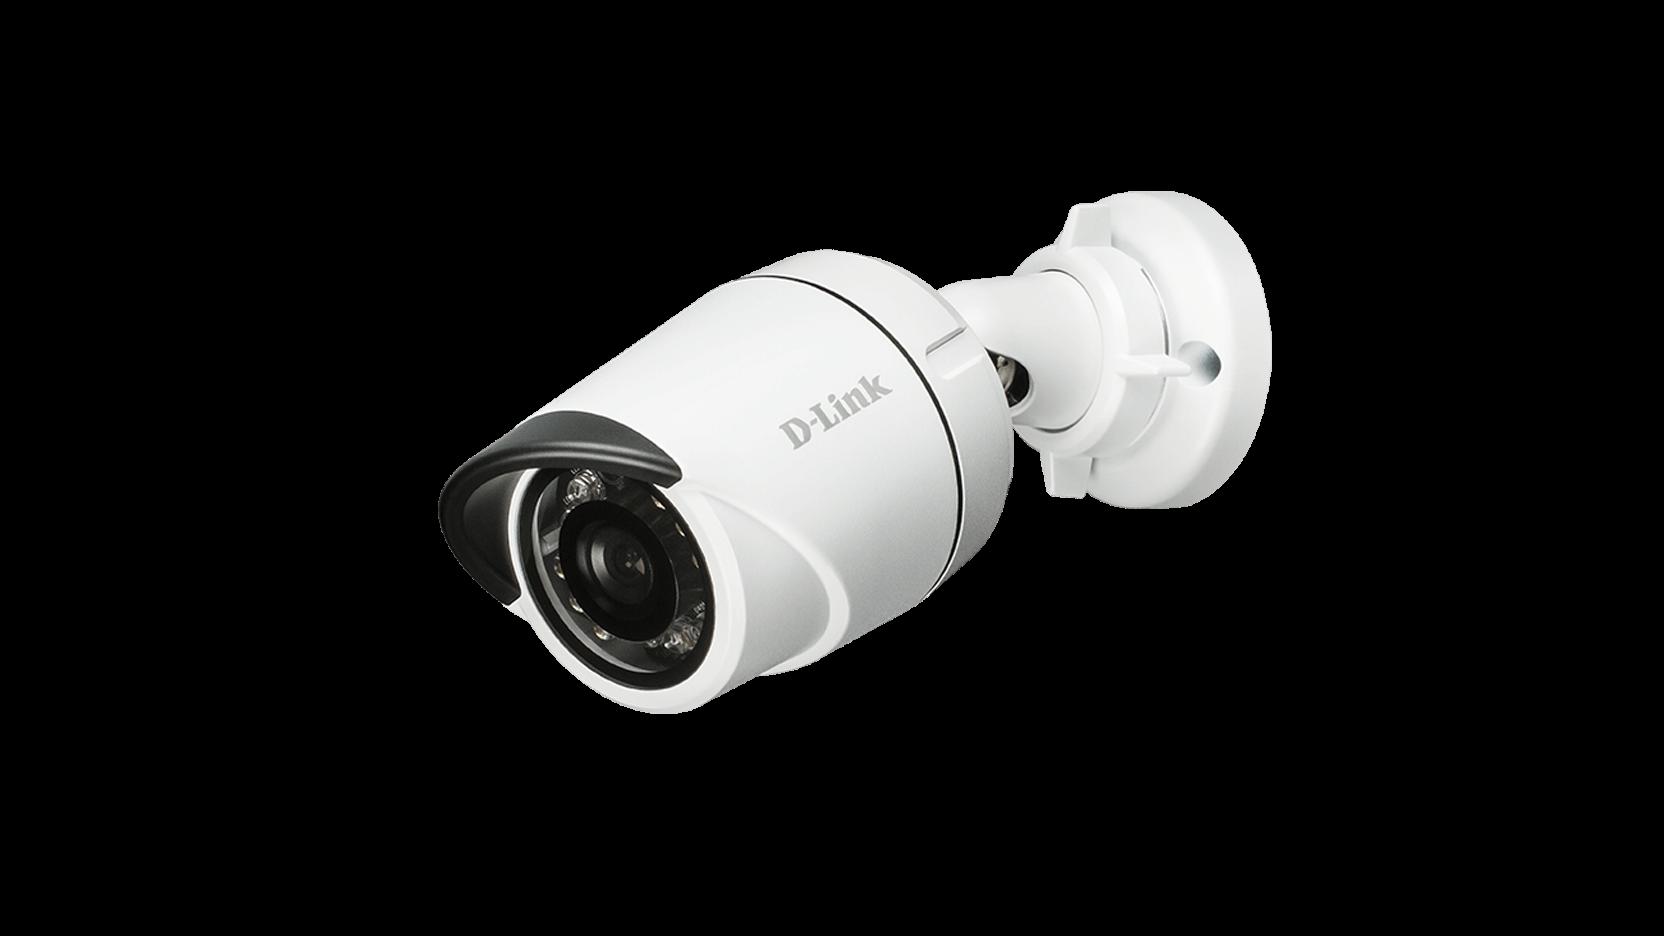 D-Link DCS-4703E Vigilance Full HD Outdoor PoE Mini Bullet Camera